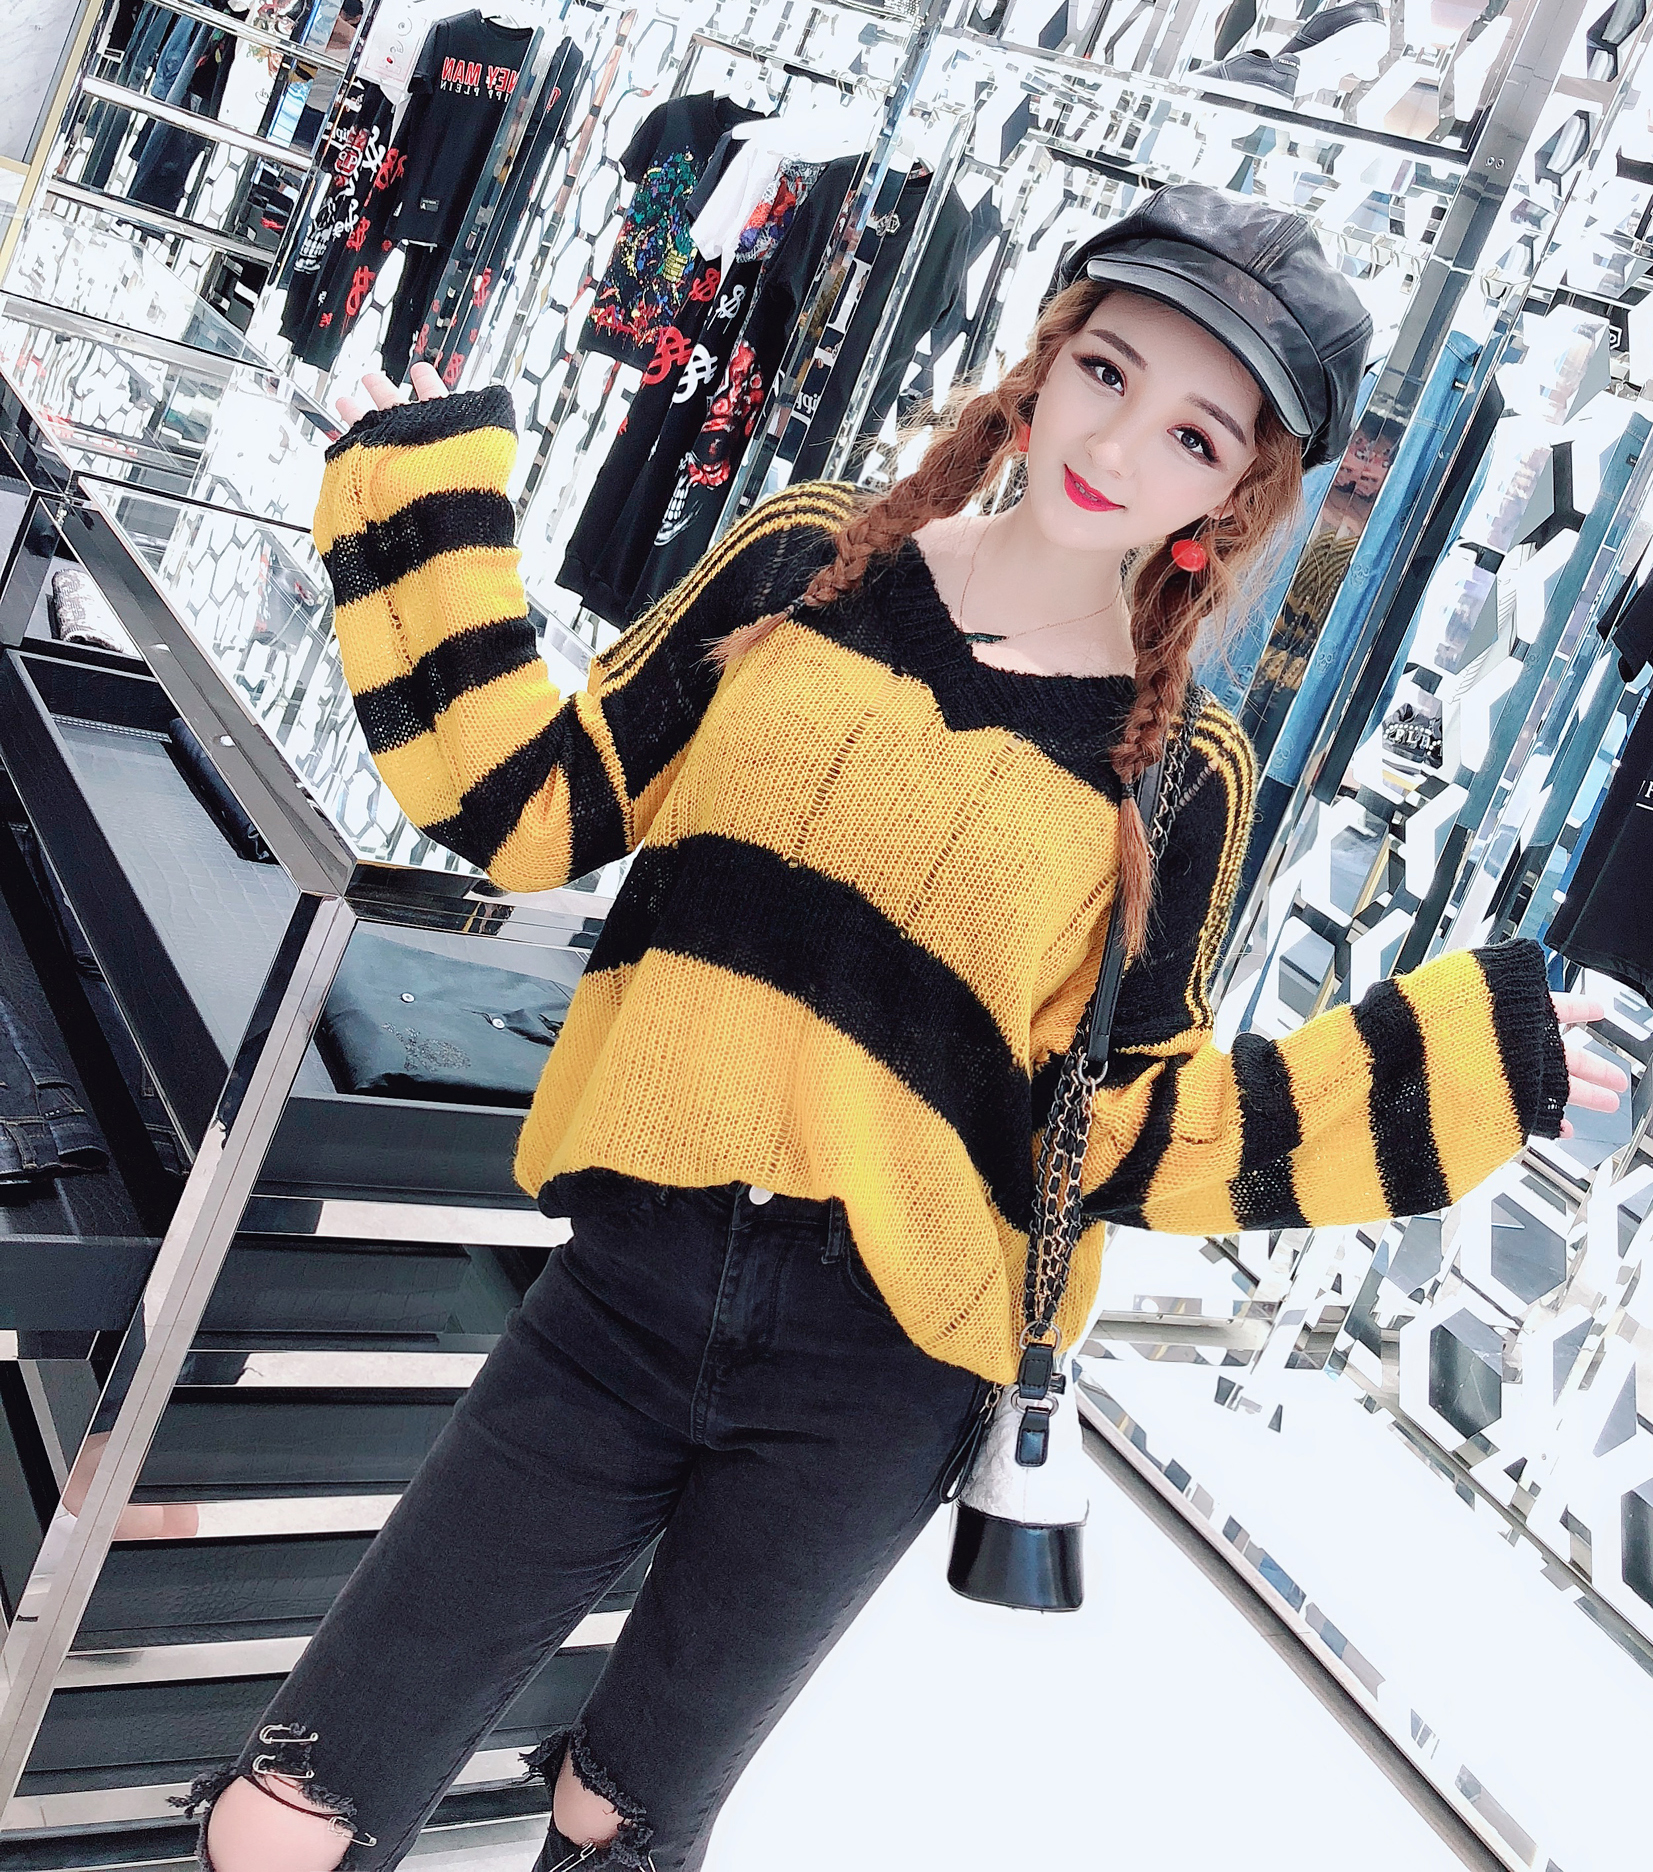 15潮流女装2018秋装新款 韩版时尚V领显瘦 条纹套头毛衣